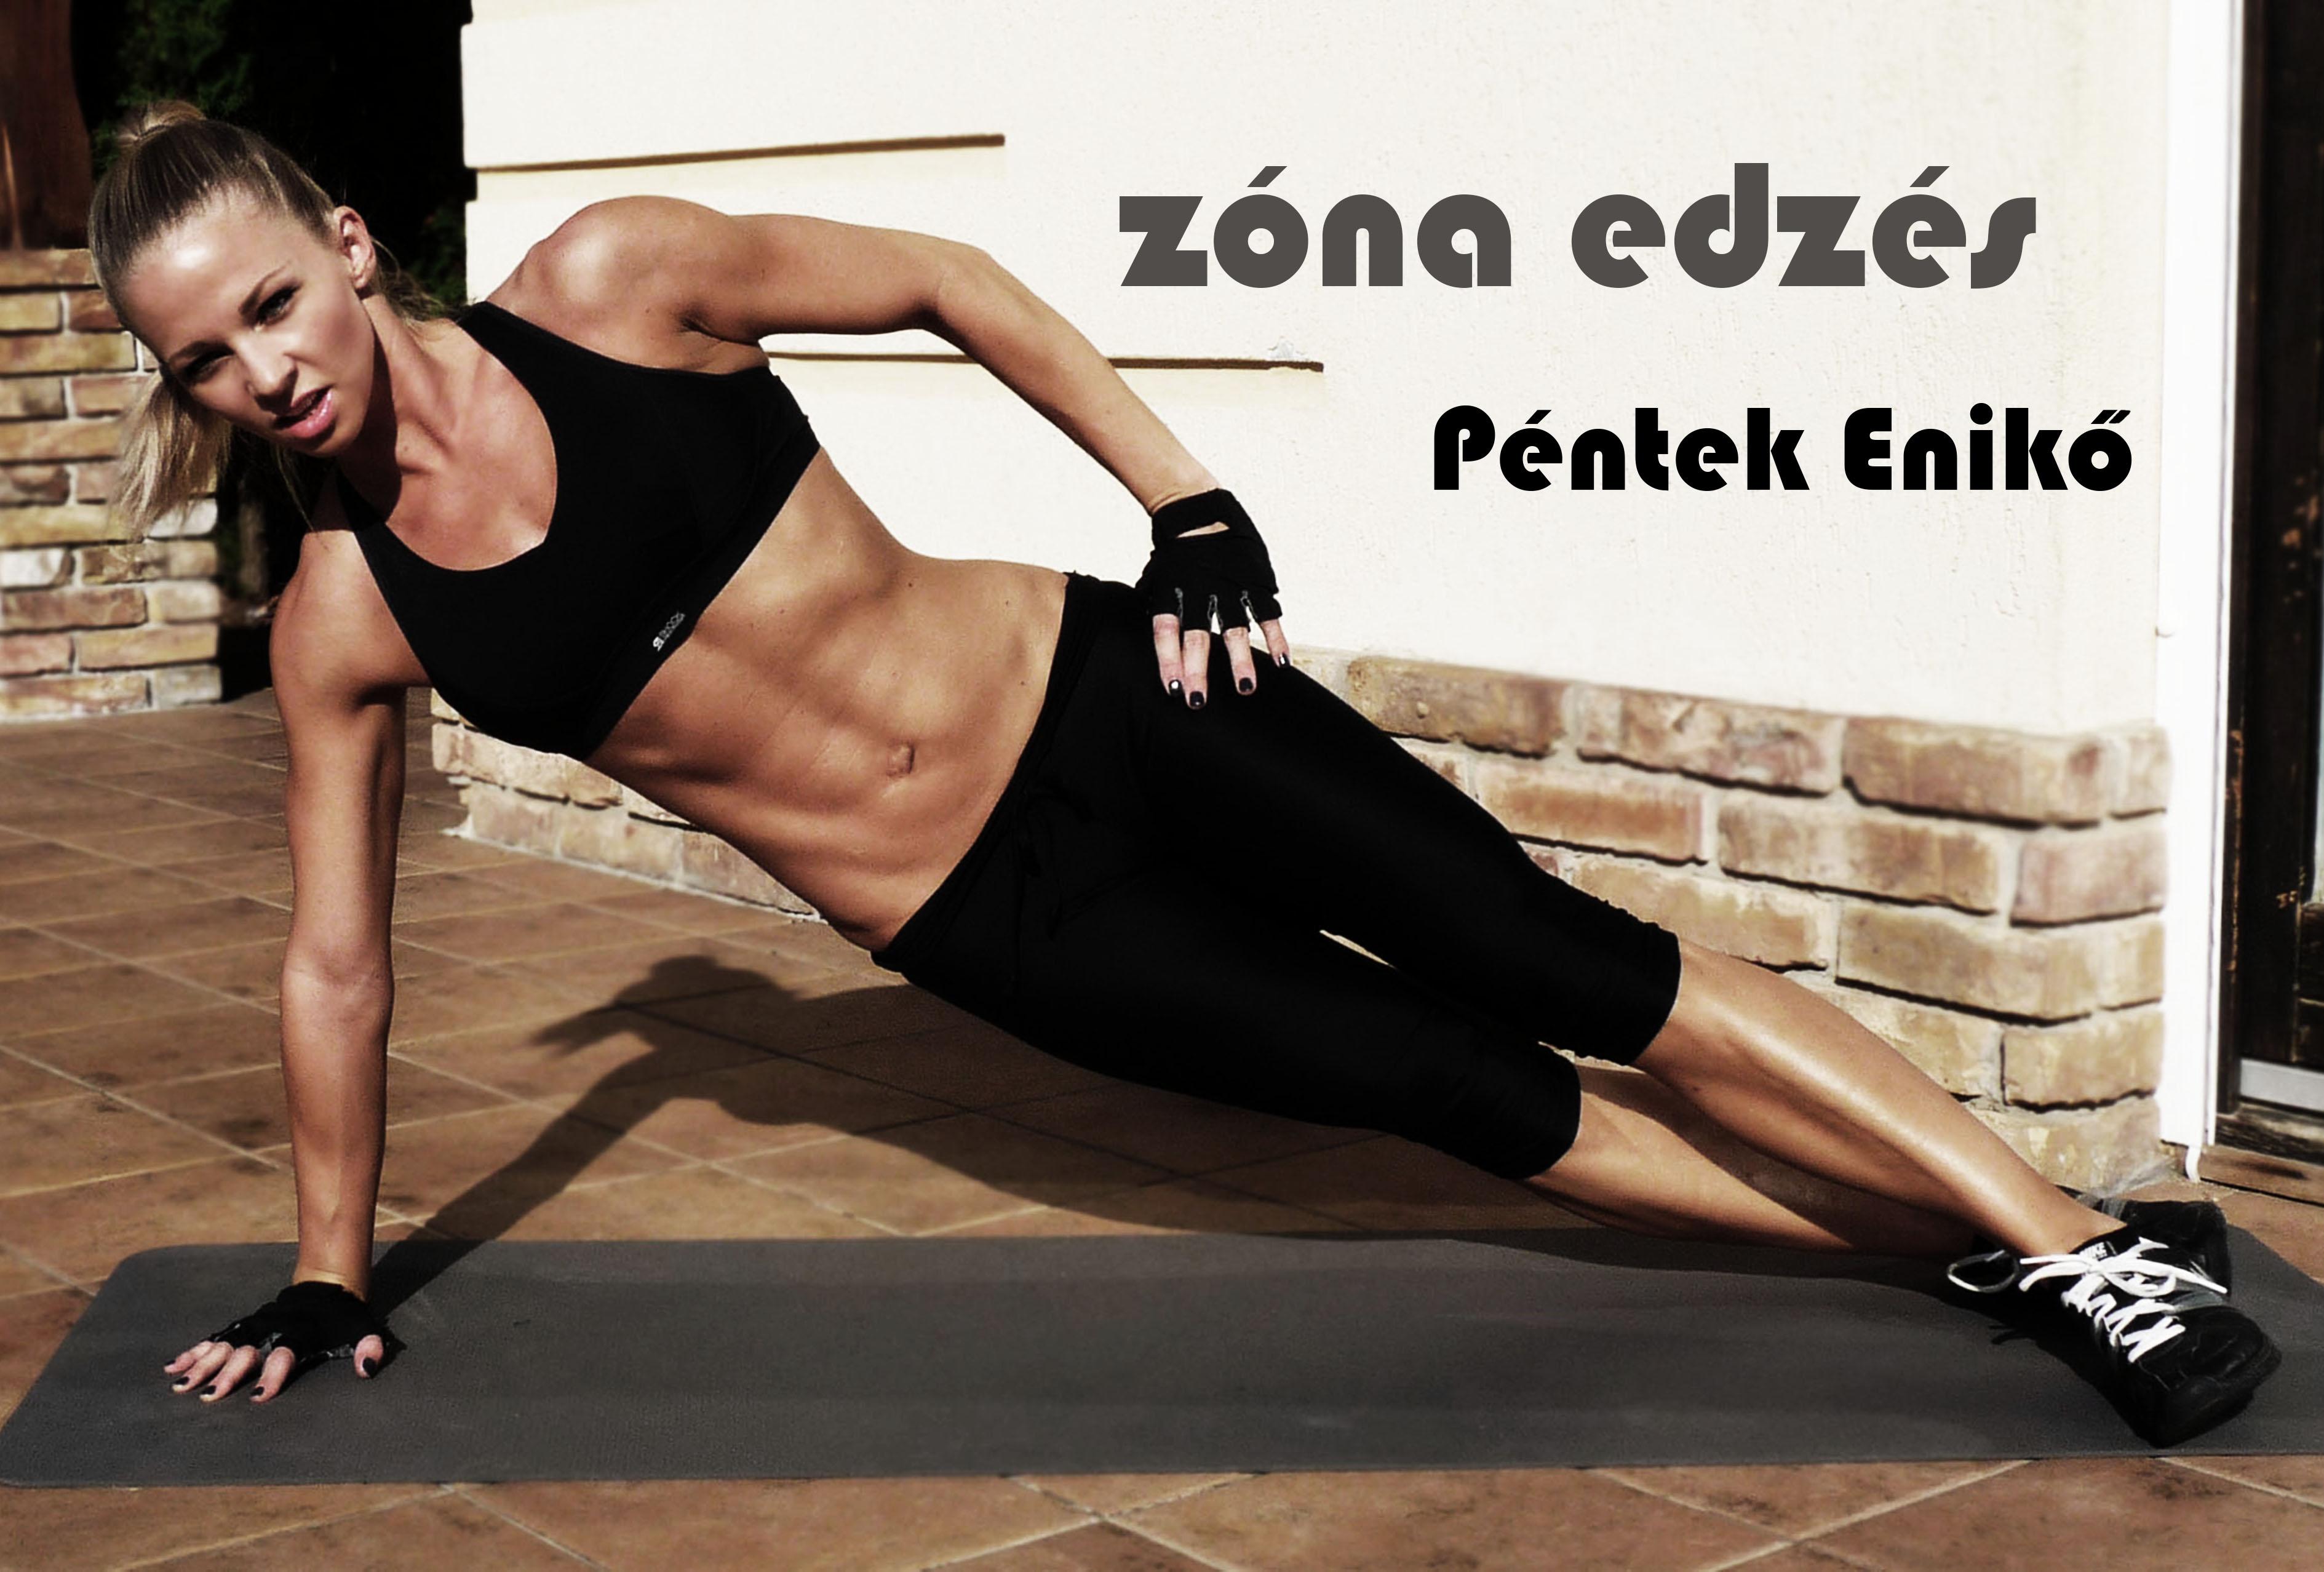 pentek_eniko_zona